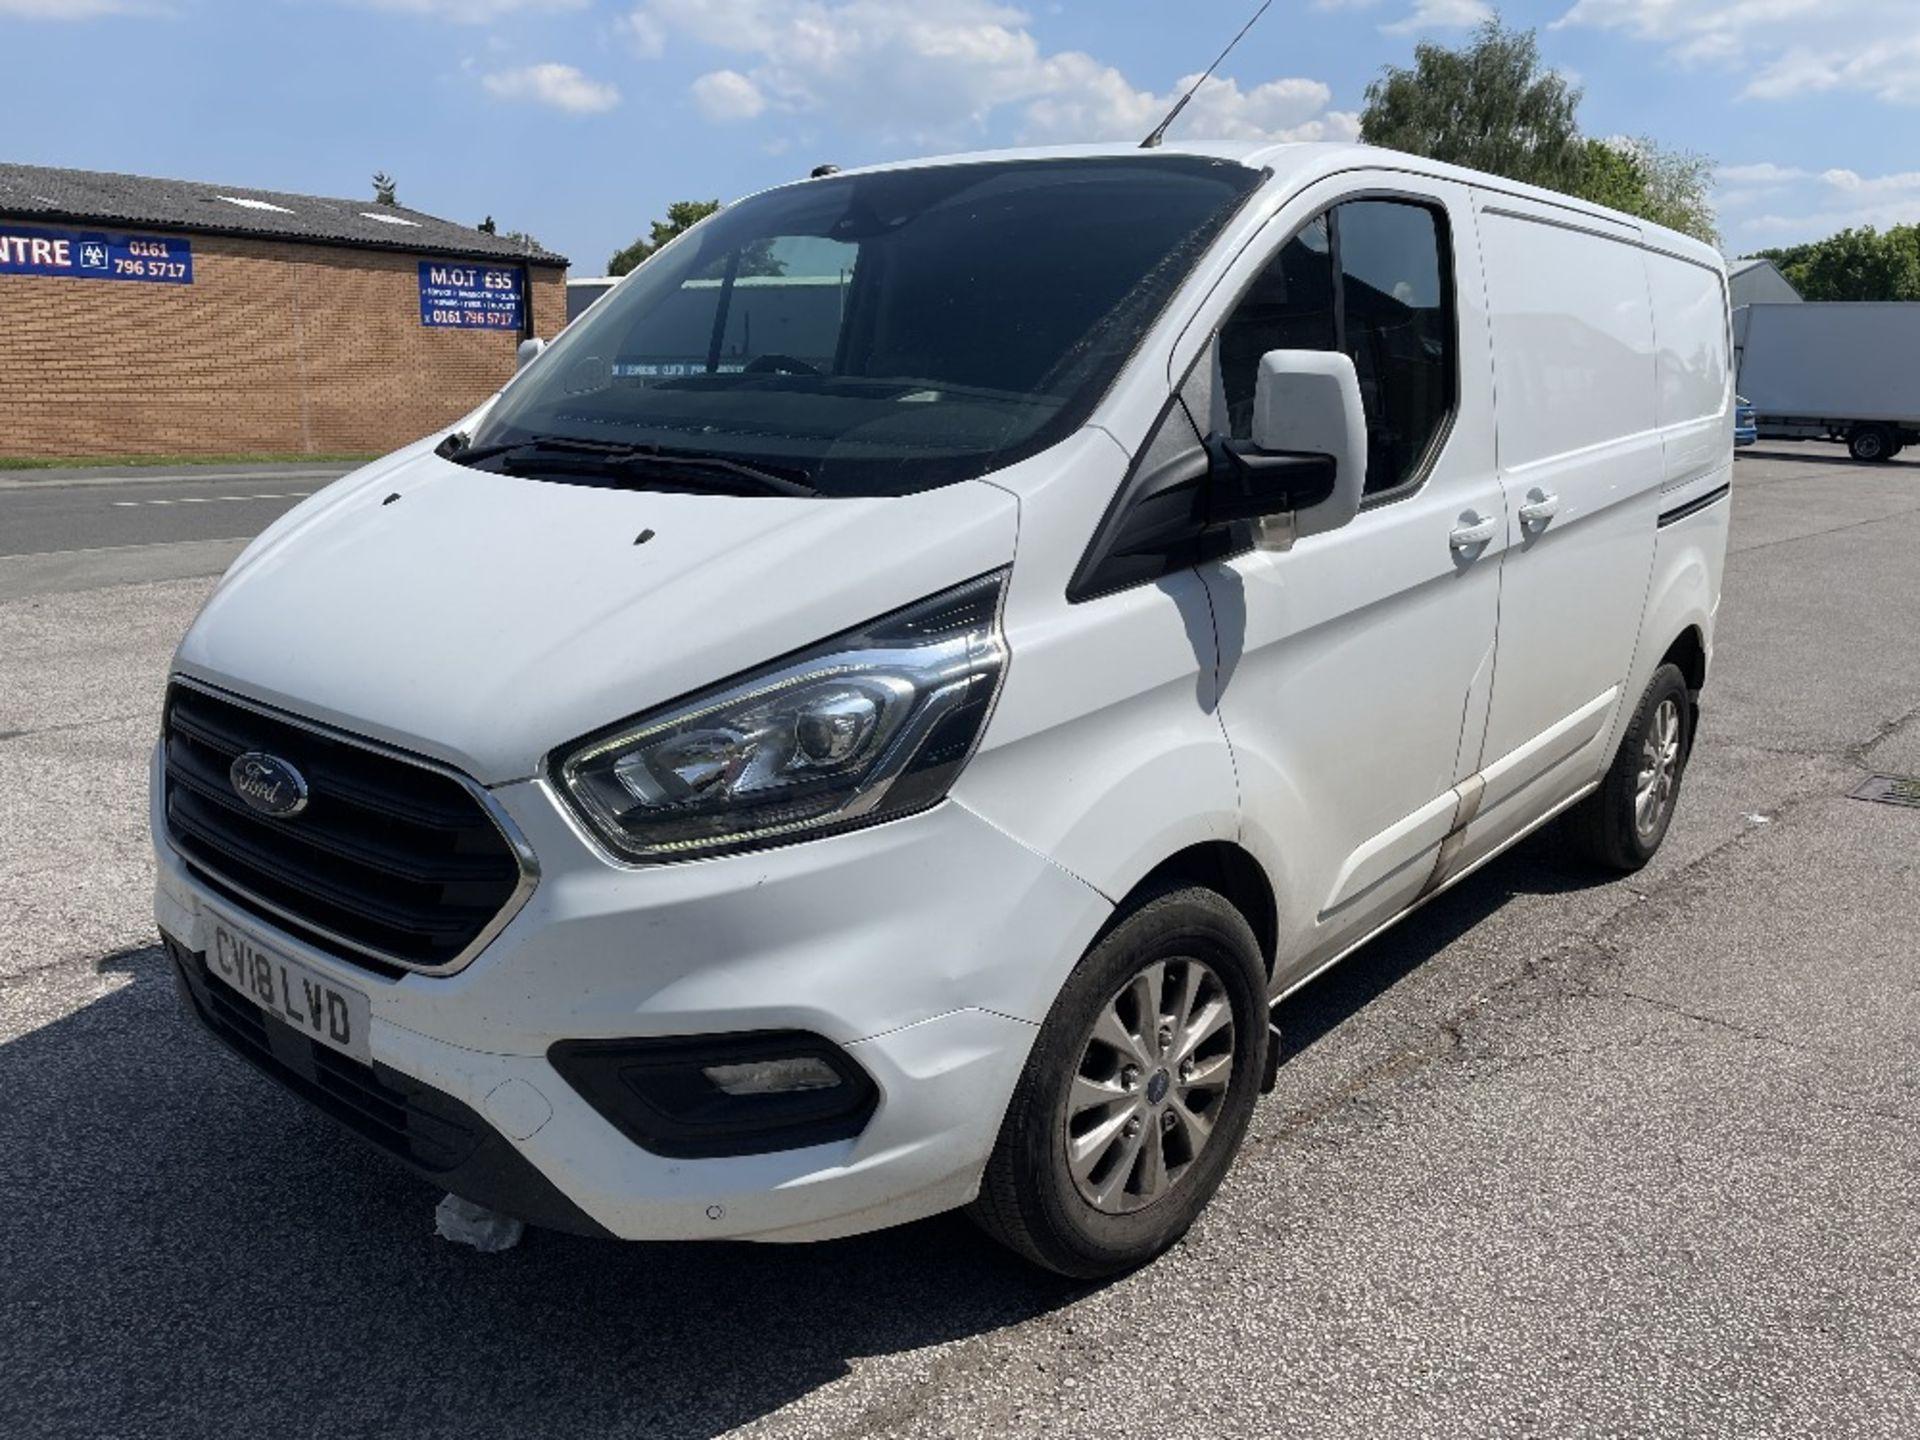 Ford Transit Custom 300 Limite Diesel Panel Van | 18 Plate | 35,672 Miles - Image 3 of 15